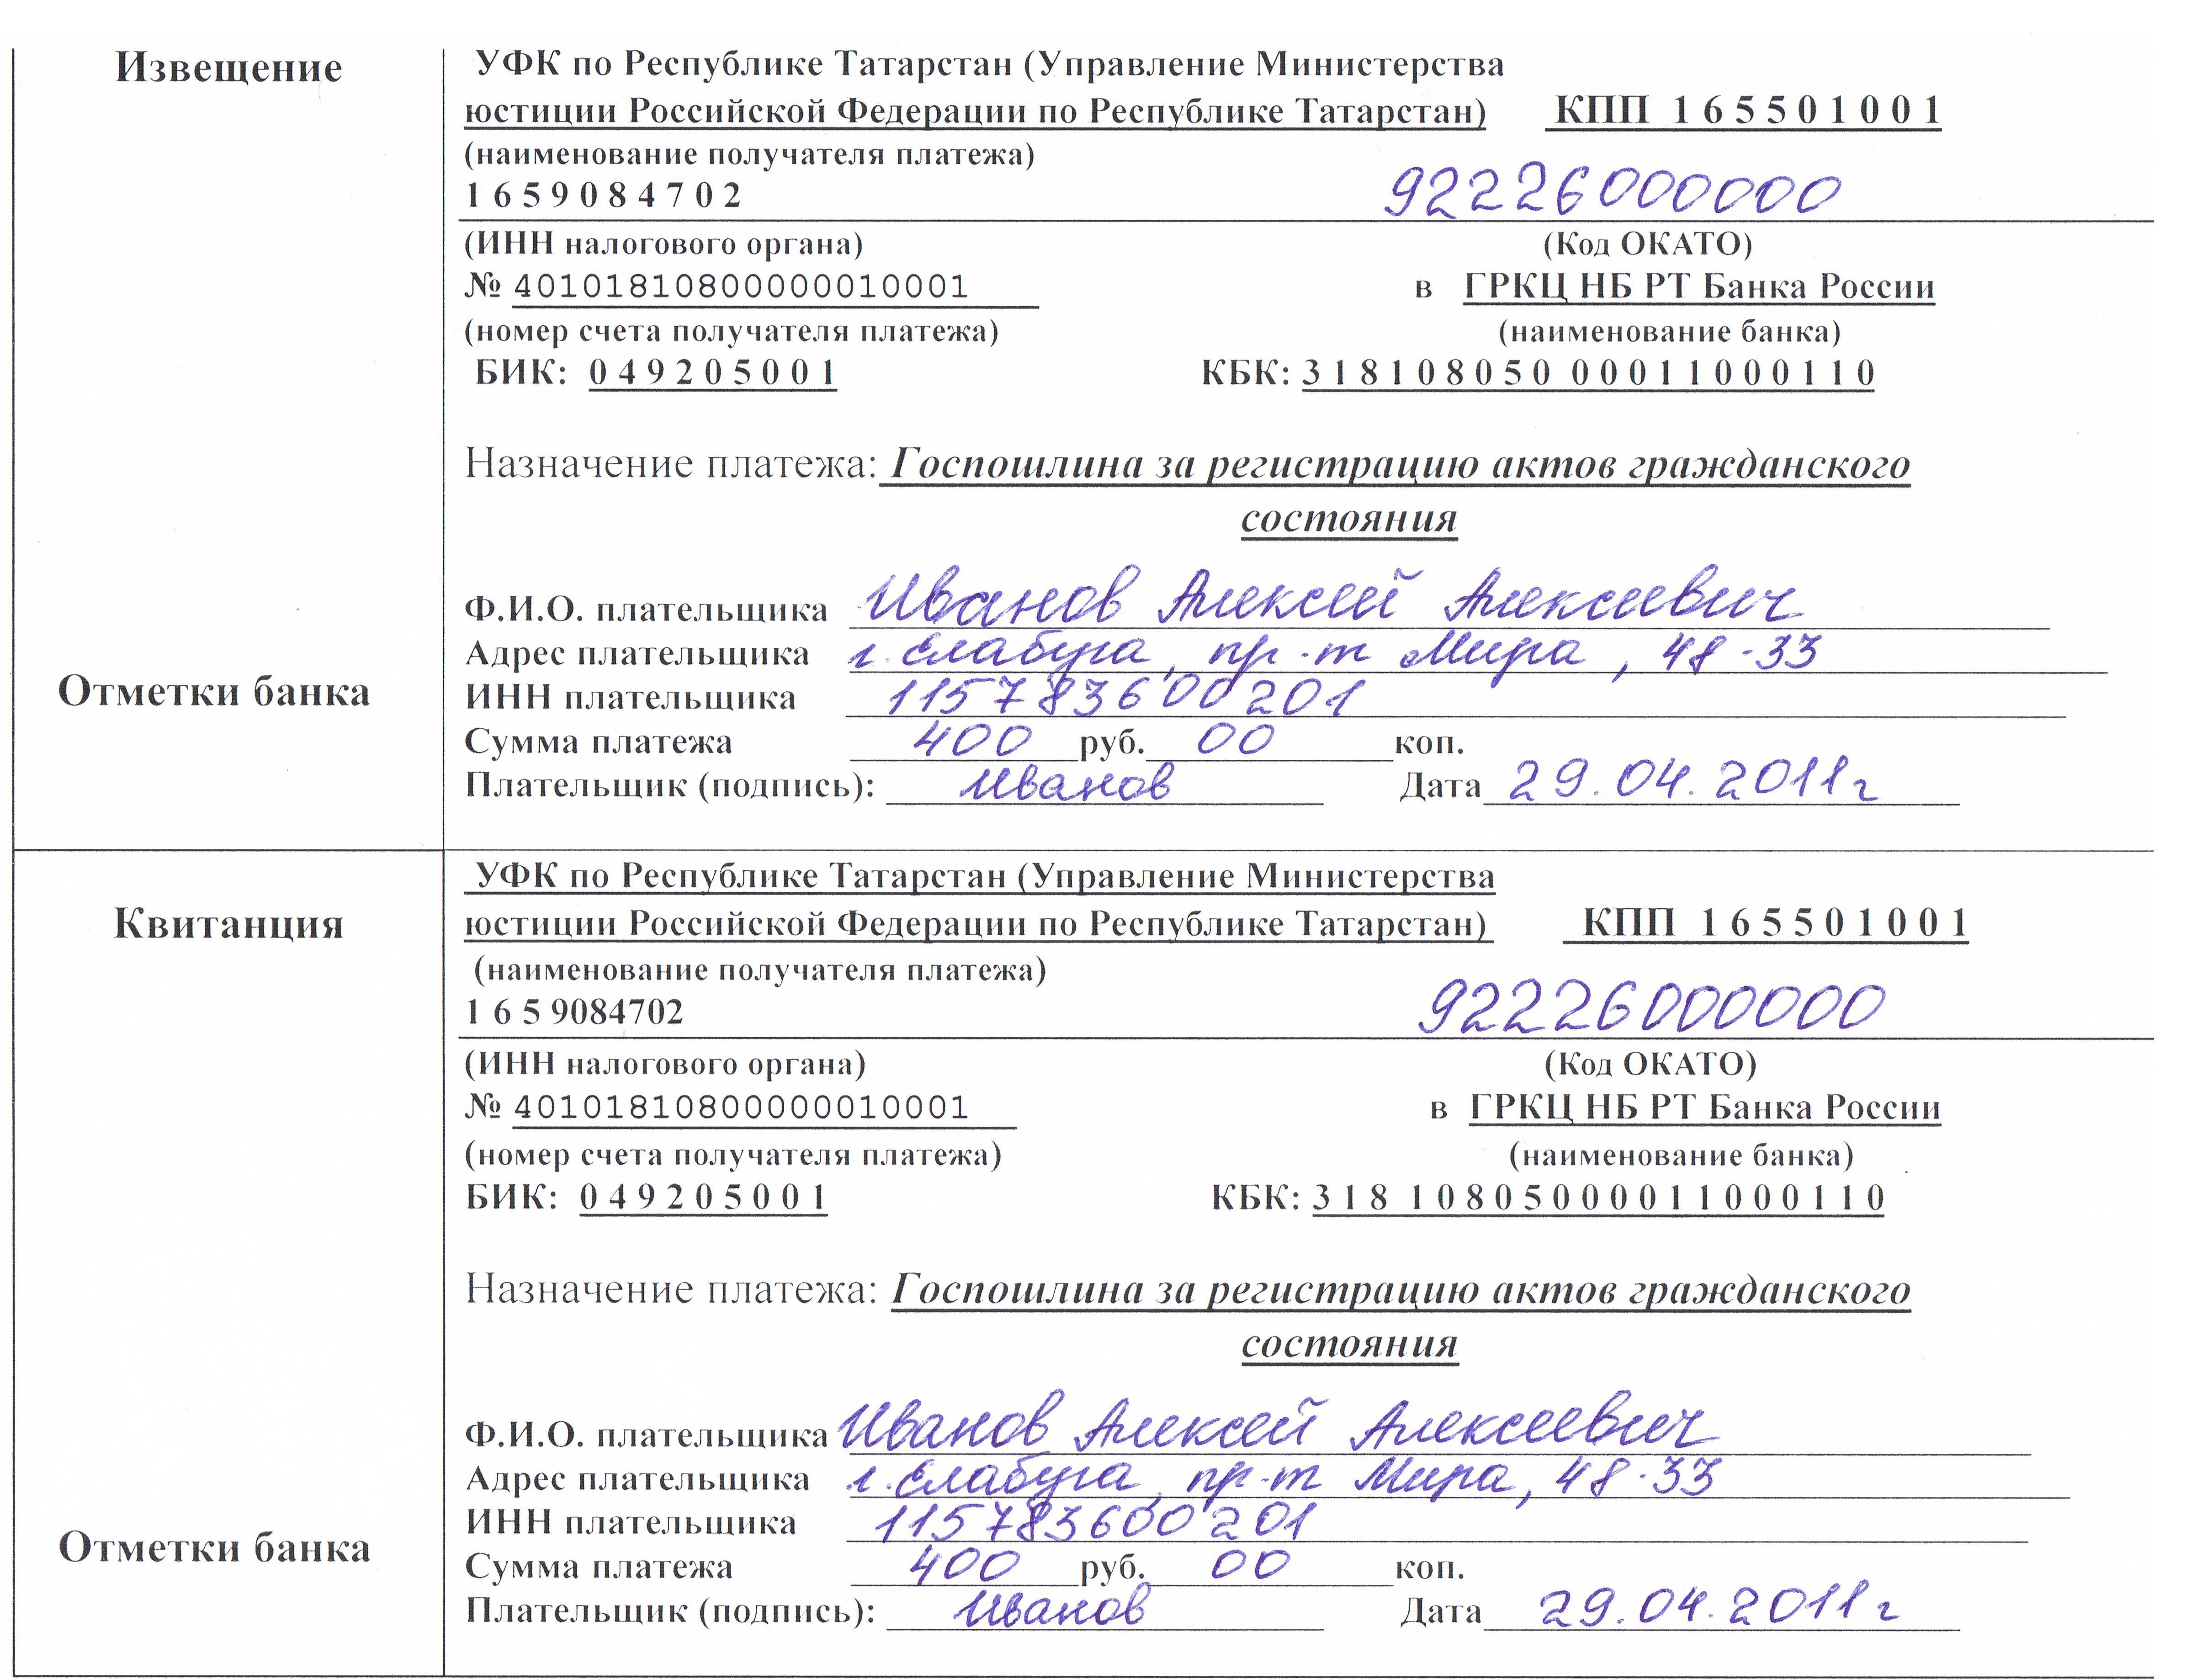 Бланк искового заявления о расторжении брака по законам РФ